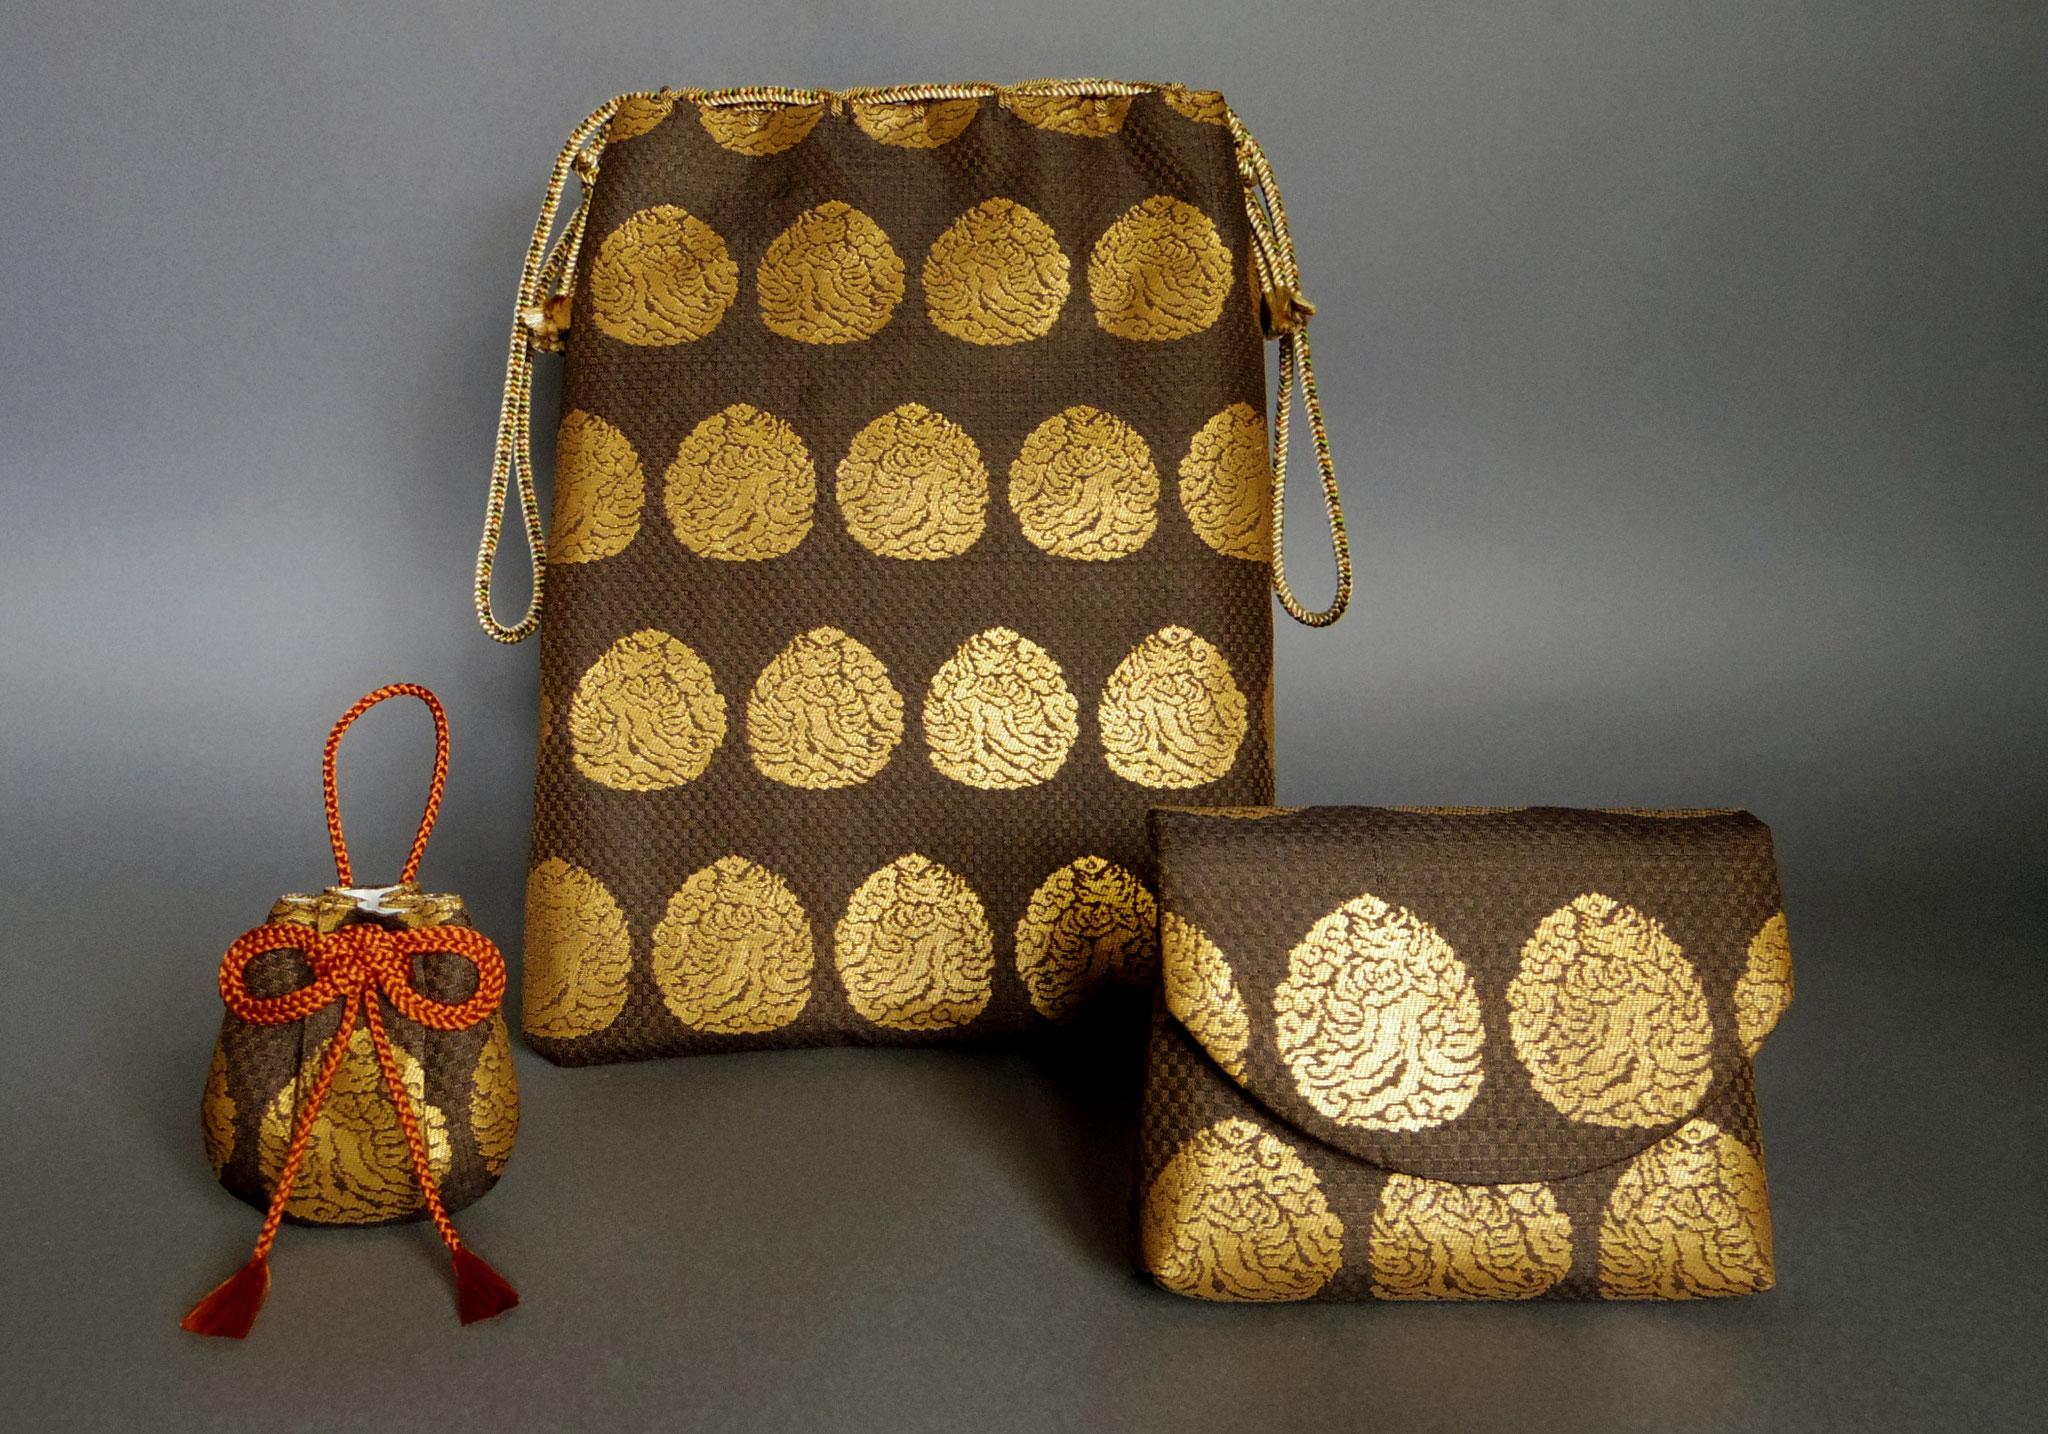 5、 左から如意宝珠文金襴なすび飾り、如意宝珠文金襴合財袋、如意宝珠文金襴念珠入れ